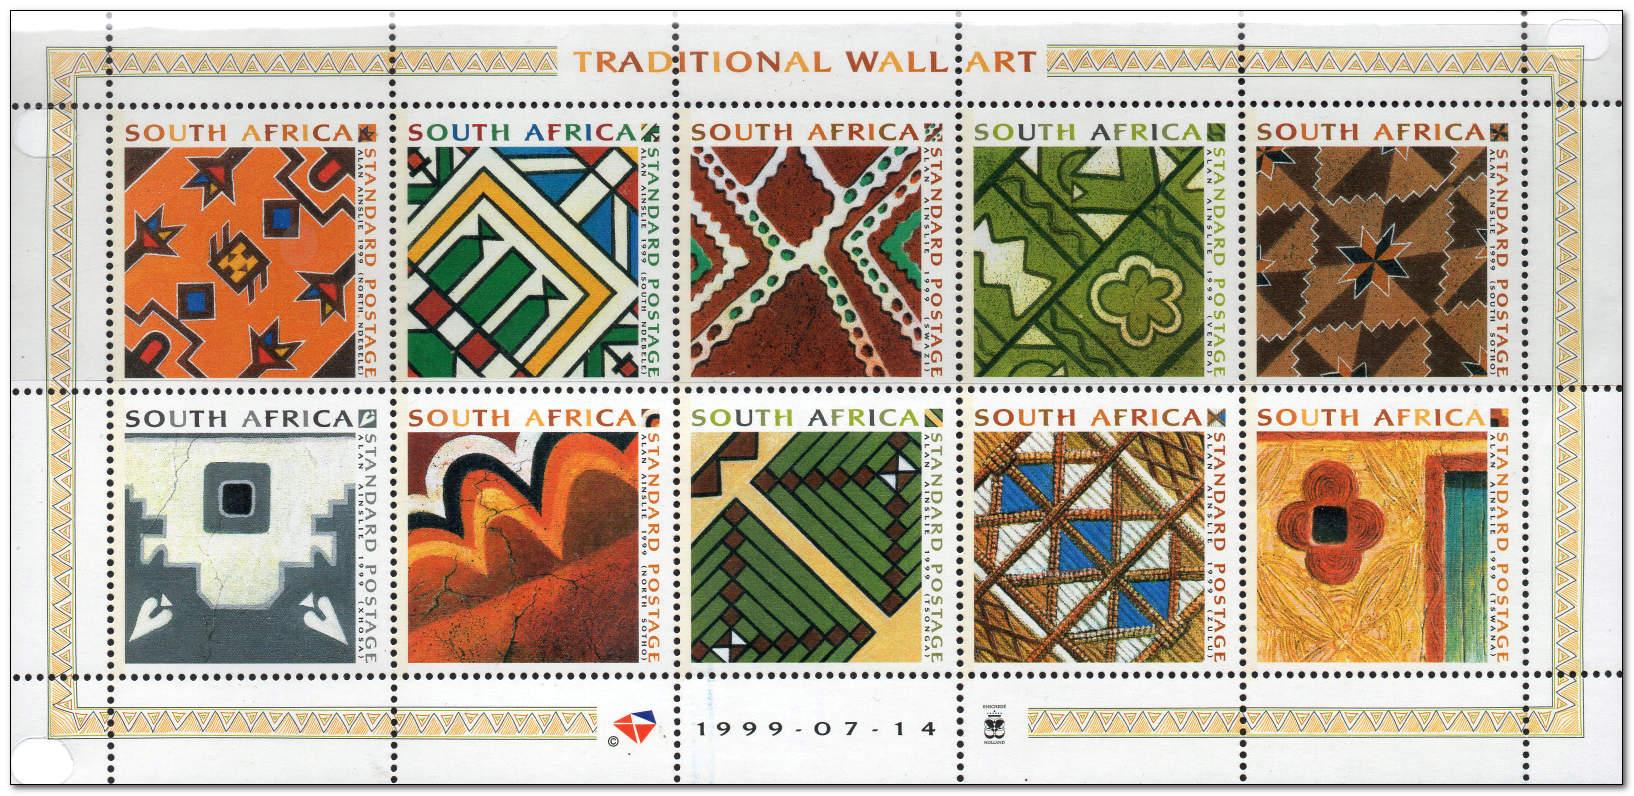 (原创)看邮票识南非:民族图案 - 六一儿童 - 译海拾蚌